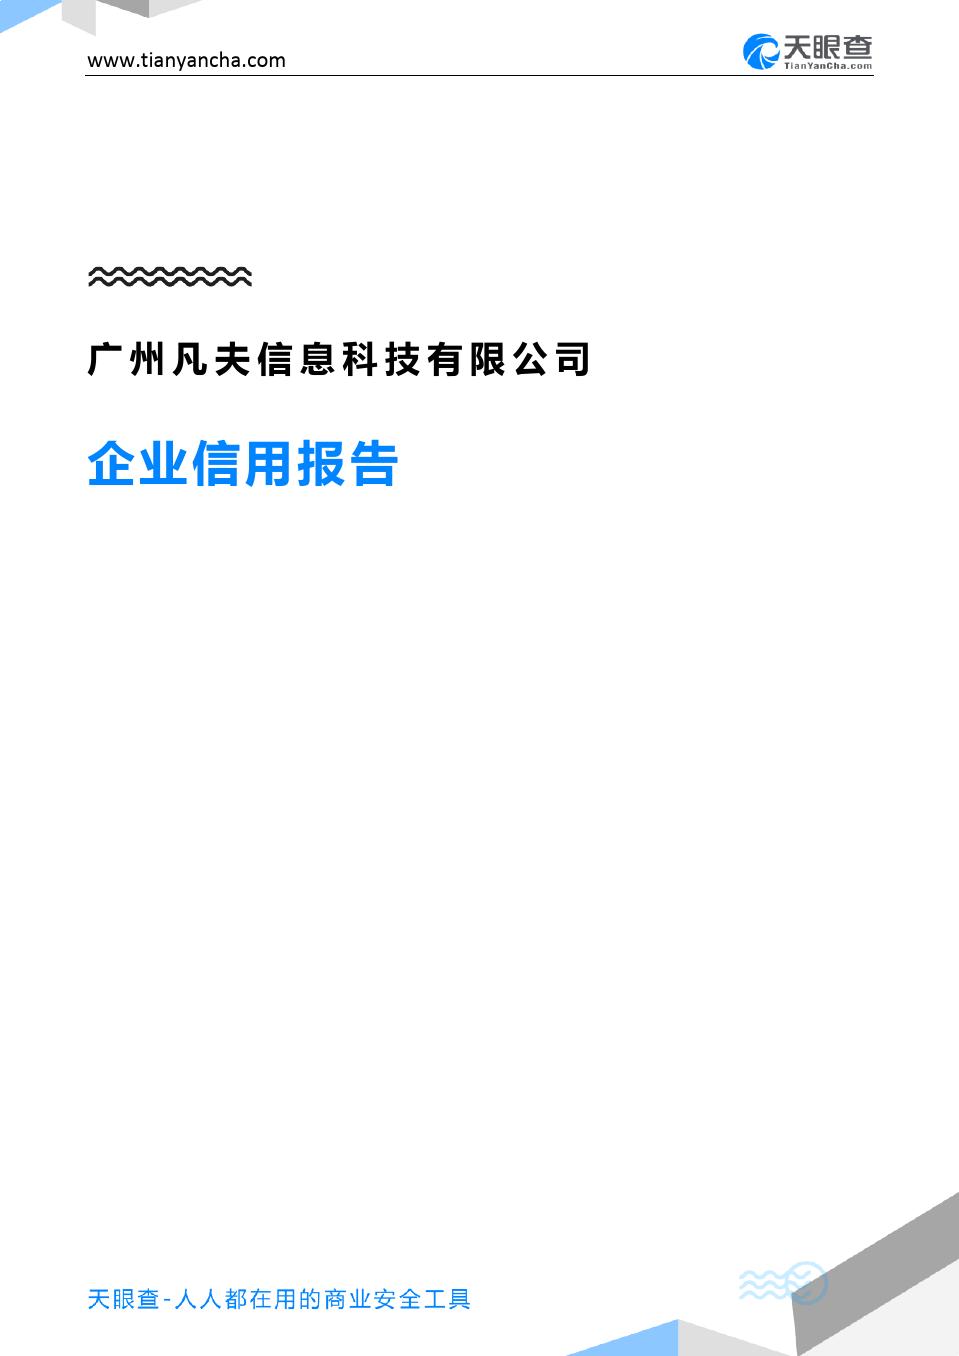 广州凡夫信息科技有限公司(企业信用报告)- 天眼查